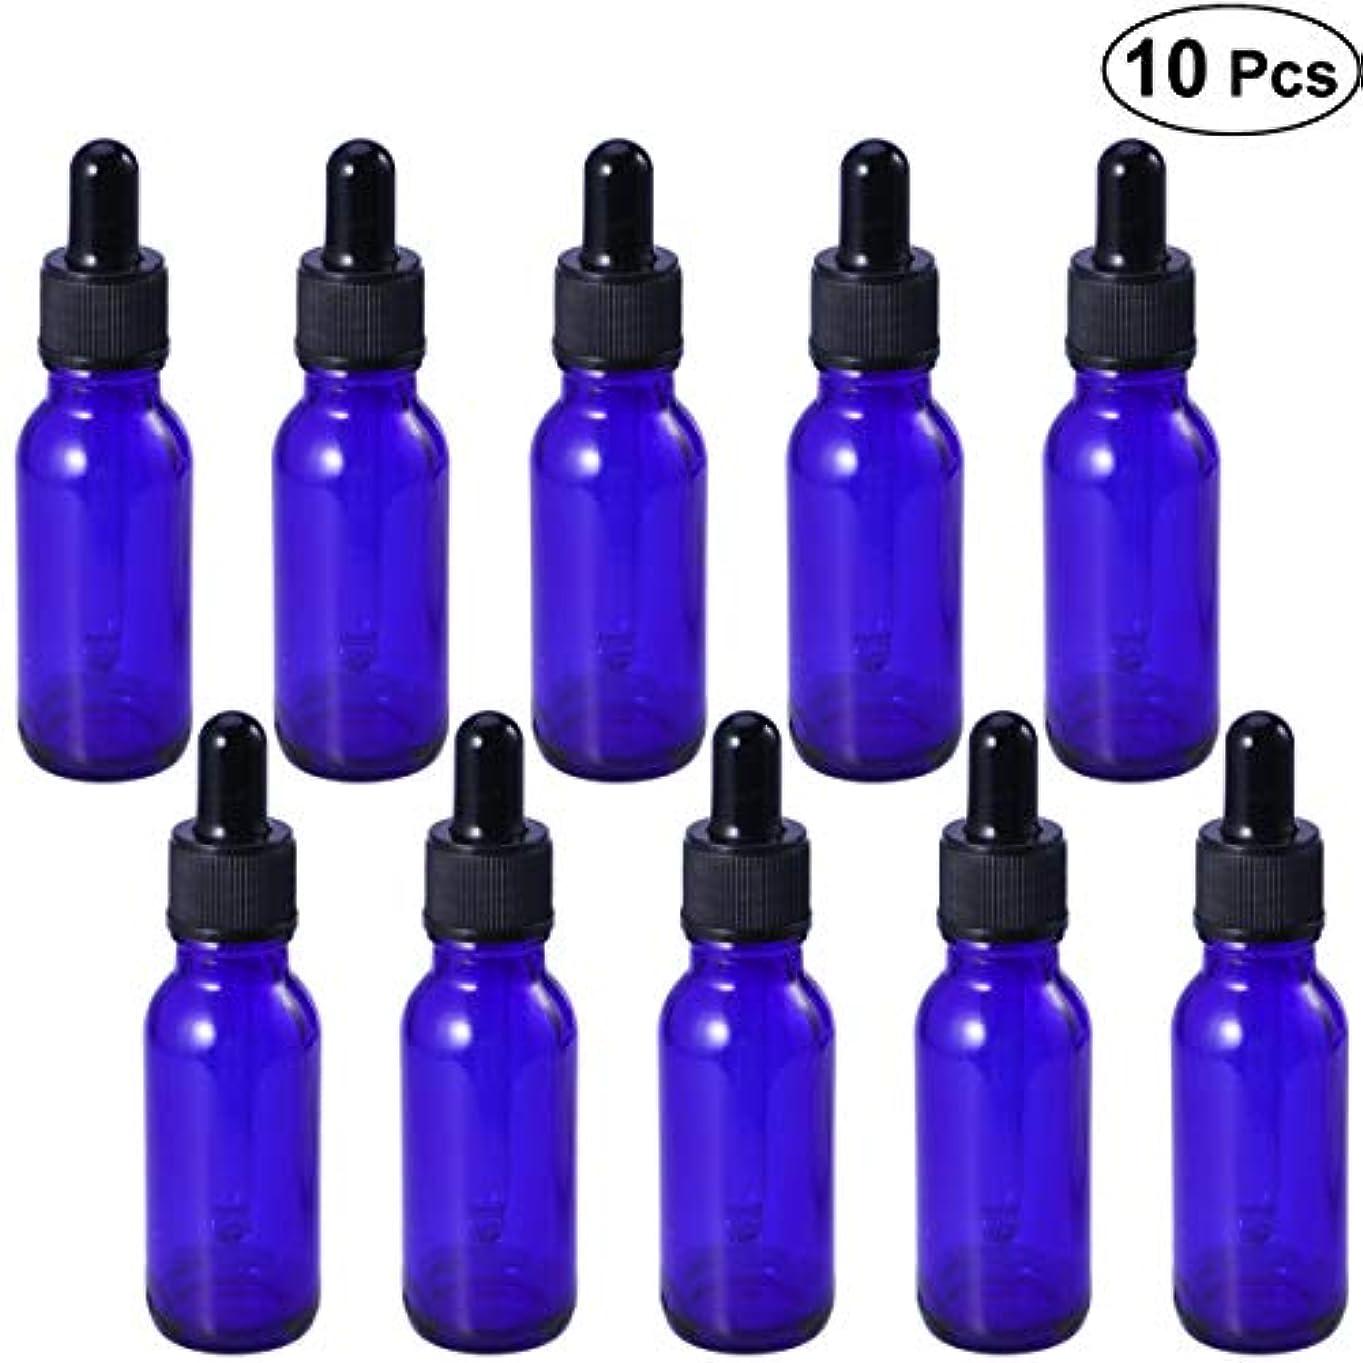 集中的な狐社会主義Frcolor 遮光瓶 スポイト遮光瓶 20ml 青色 スポイト付き アロマボトル 保存容器 エッセンシャルオイル 香水保存用 詰替え ガラス 10個セット